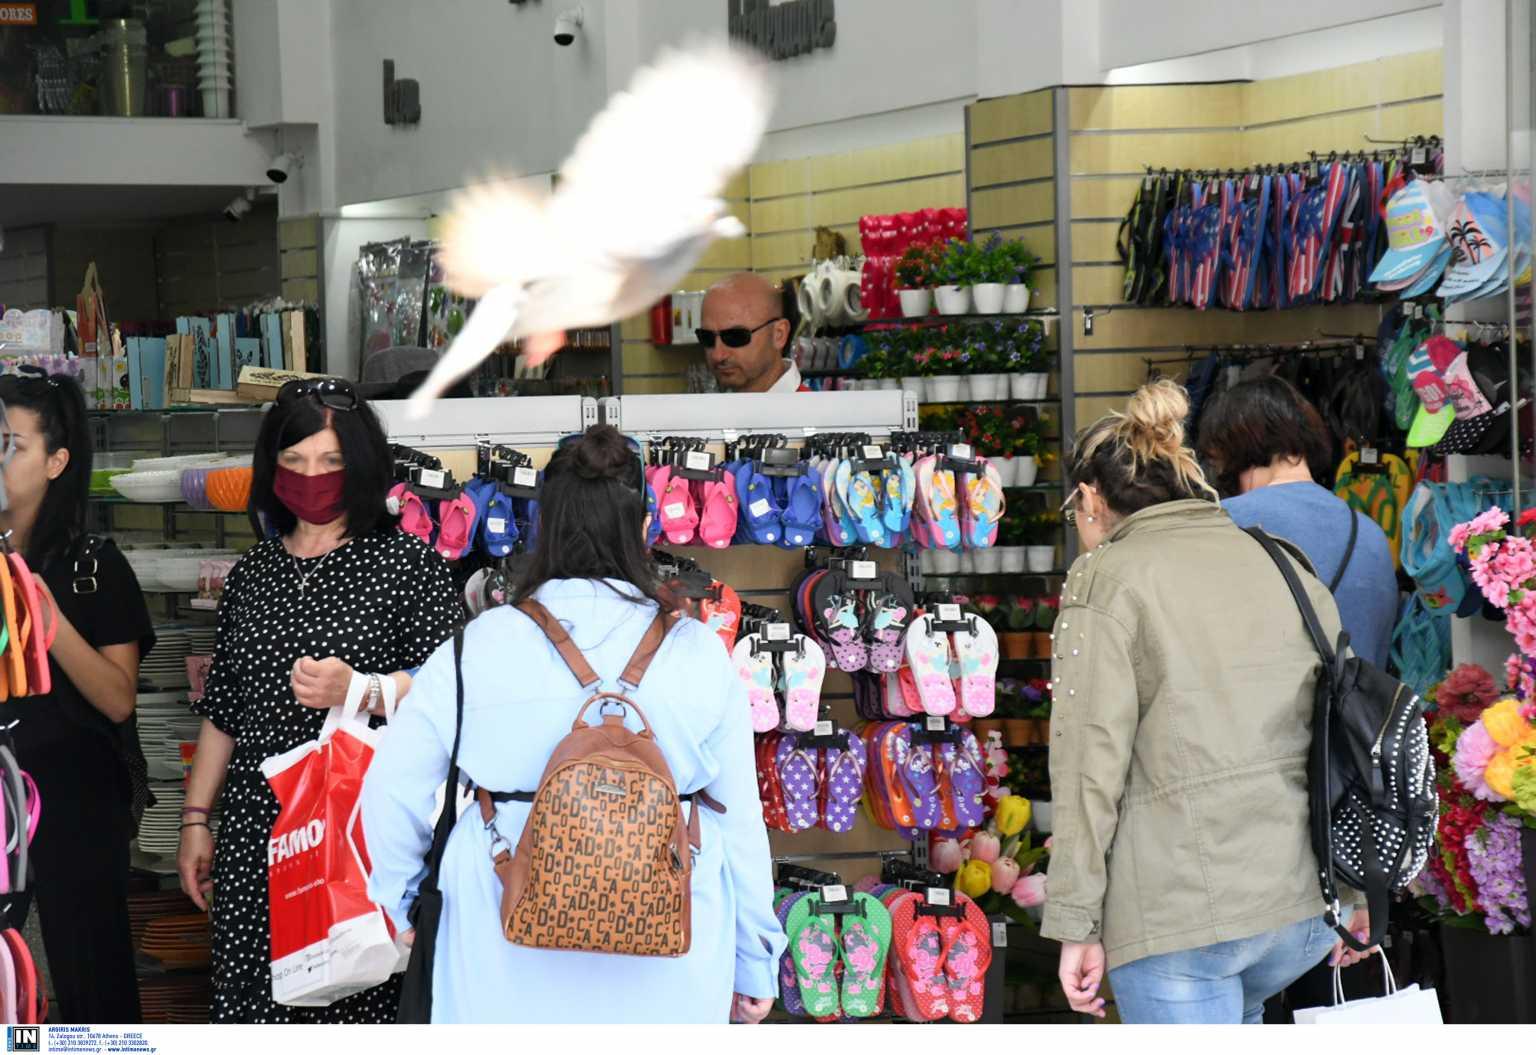 Απόφαση λοιμωξιολόγων: Ανοίγει το λιανεμπόριο στην Αχαΐα, click away Θεσσαλονίκη, κλειστά Κοζάνη